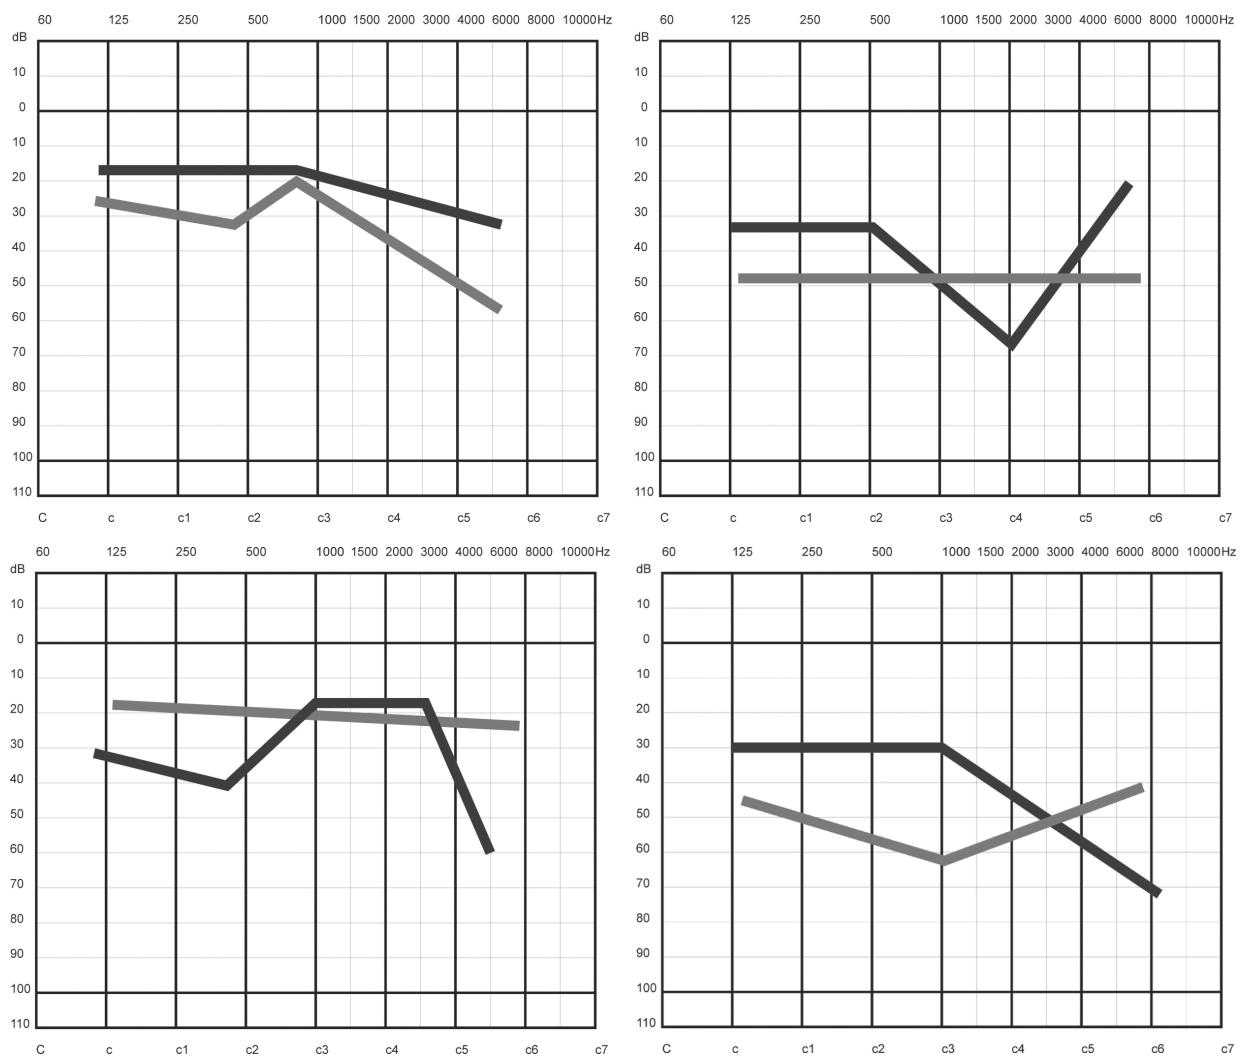 Schematické vyobrazení fluktuující senzorineurální vady sluchu u jediného pacienta v průběhu 10 dnů (audiometrie prováděna minimálně 1x denně).